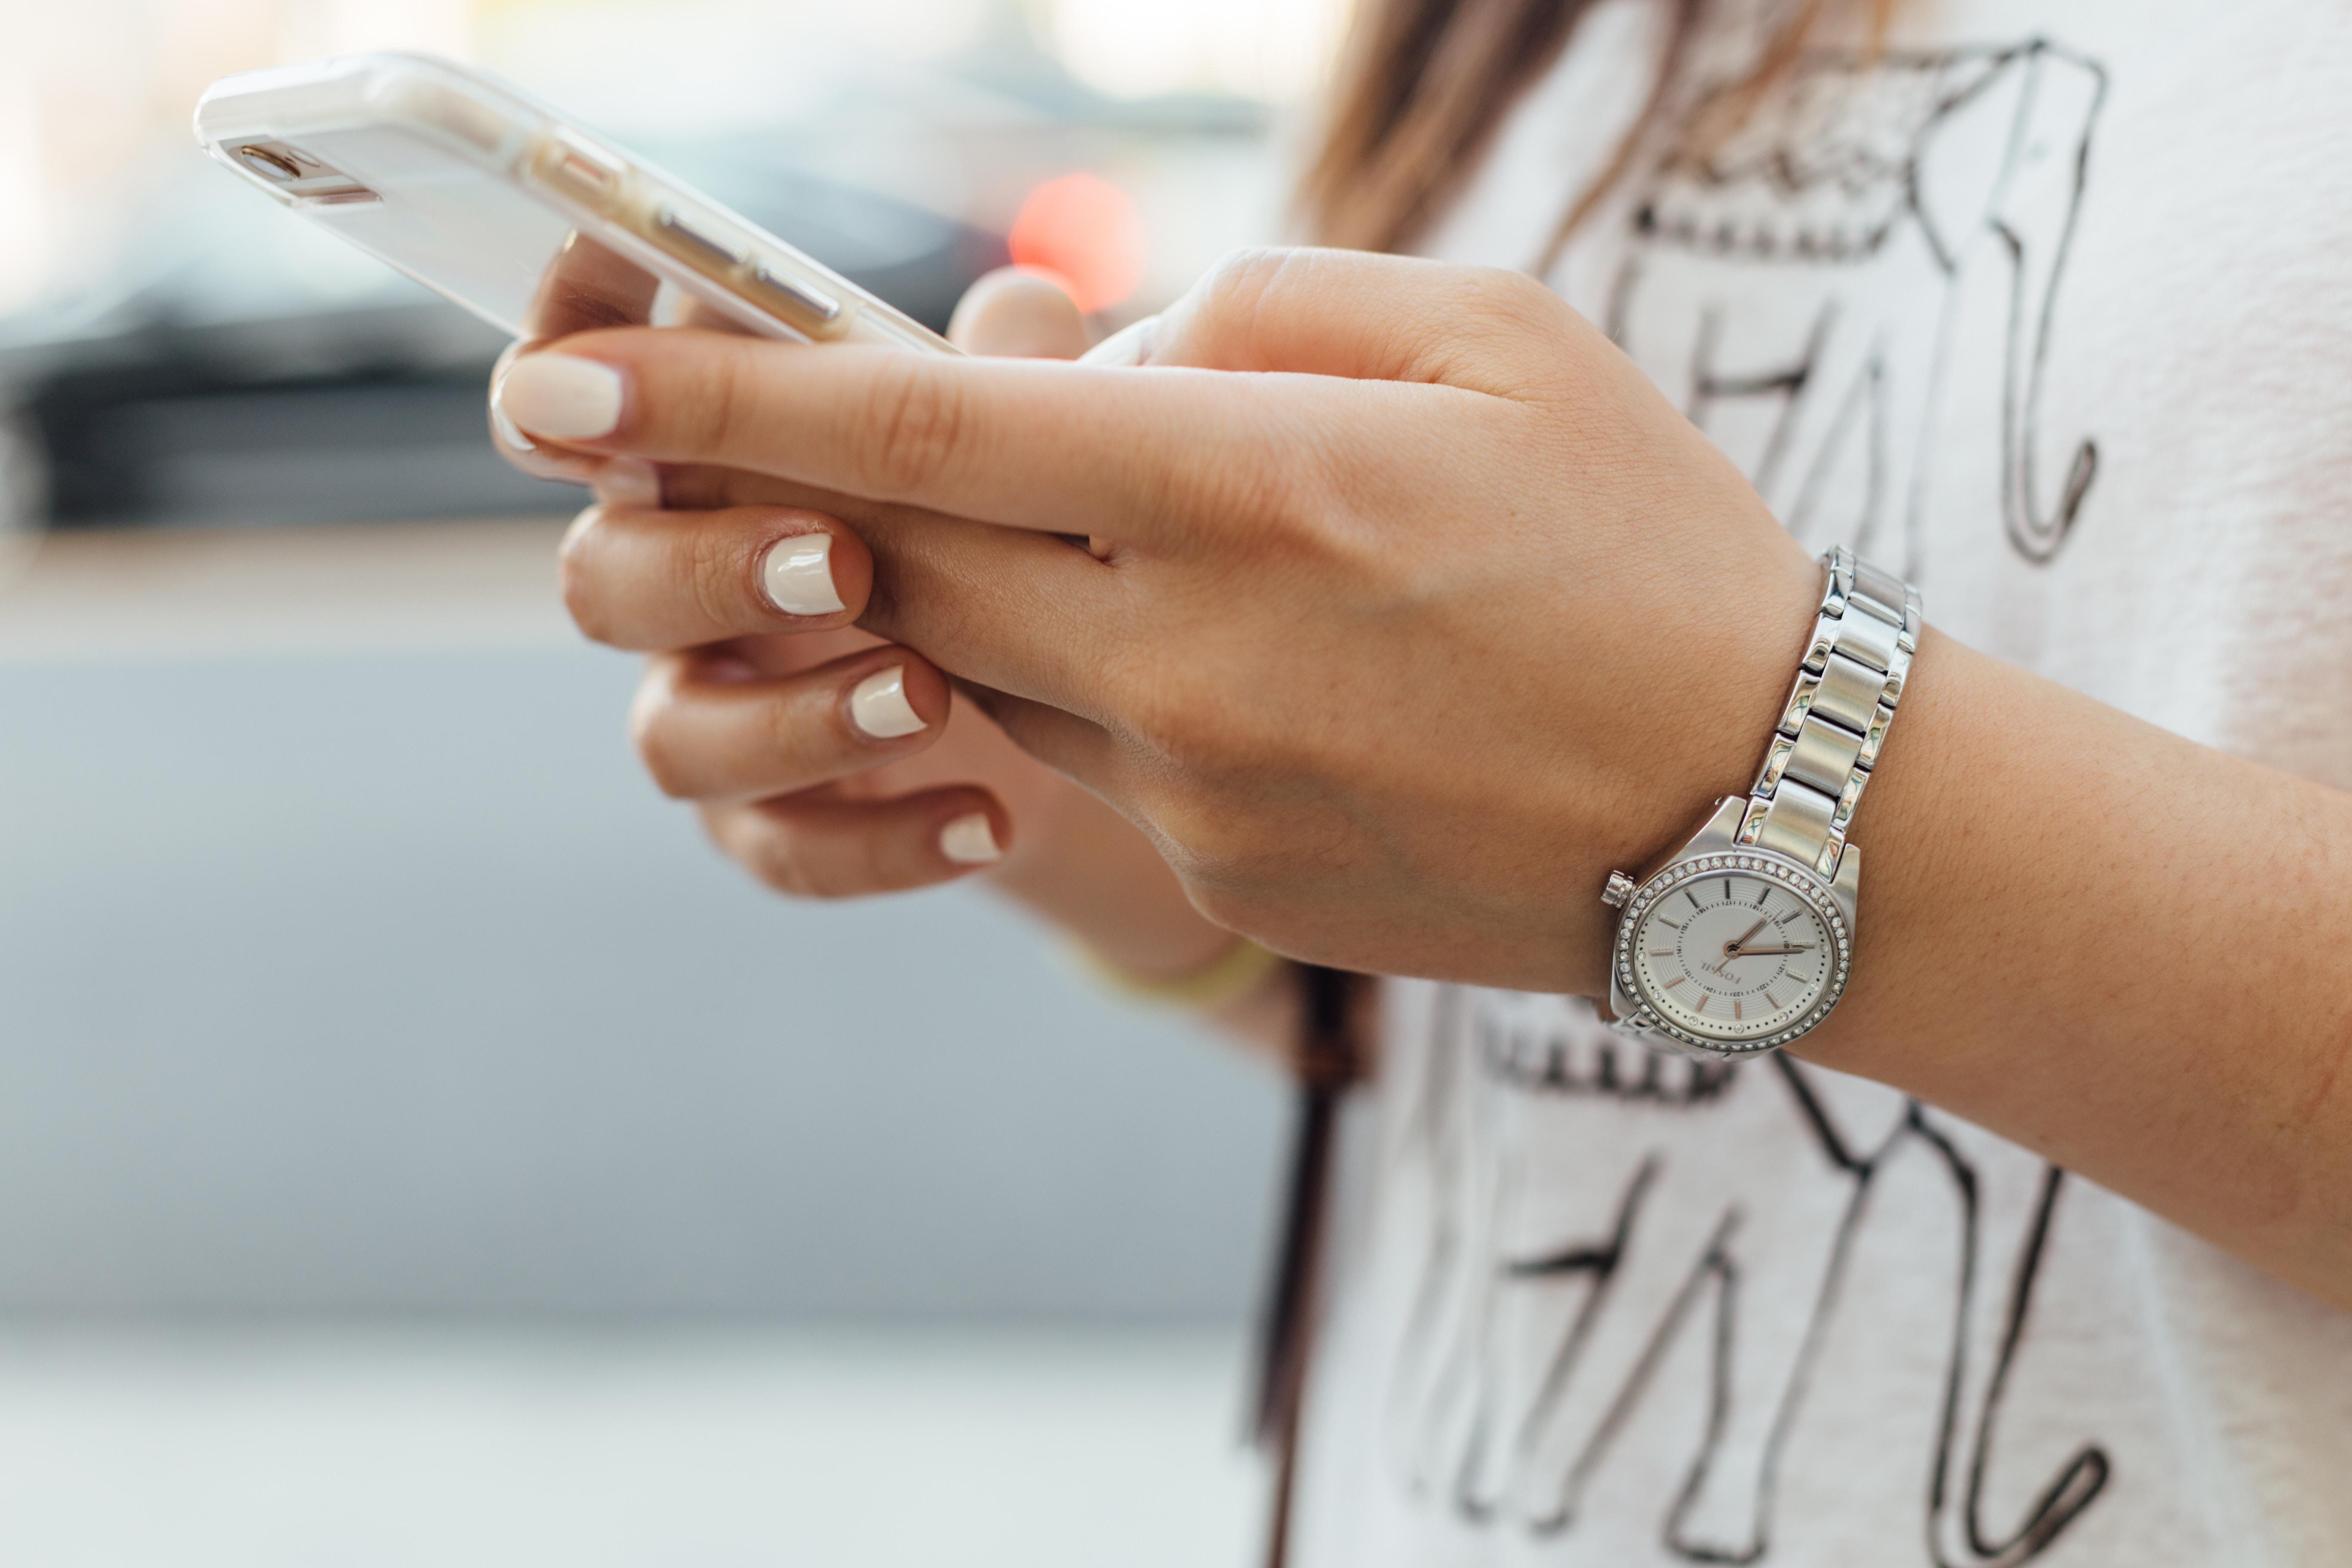 Vad ska vi mer kunna göra med våra telefoner?